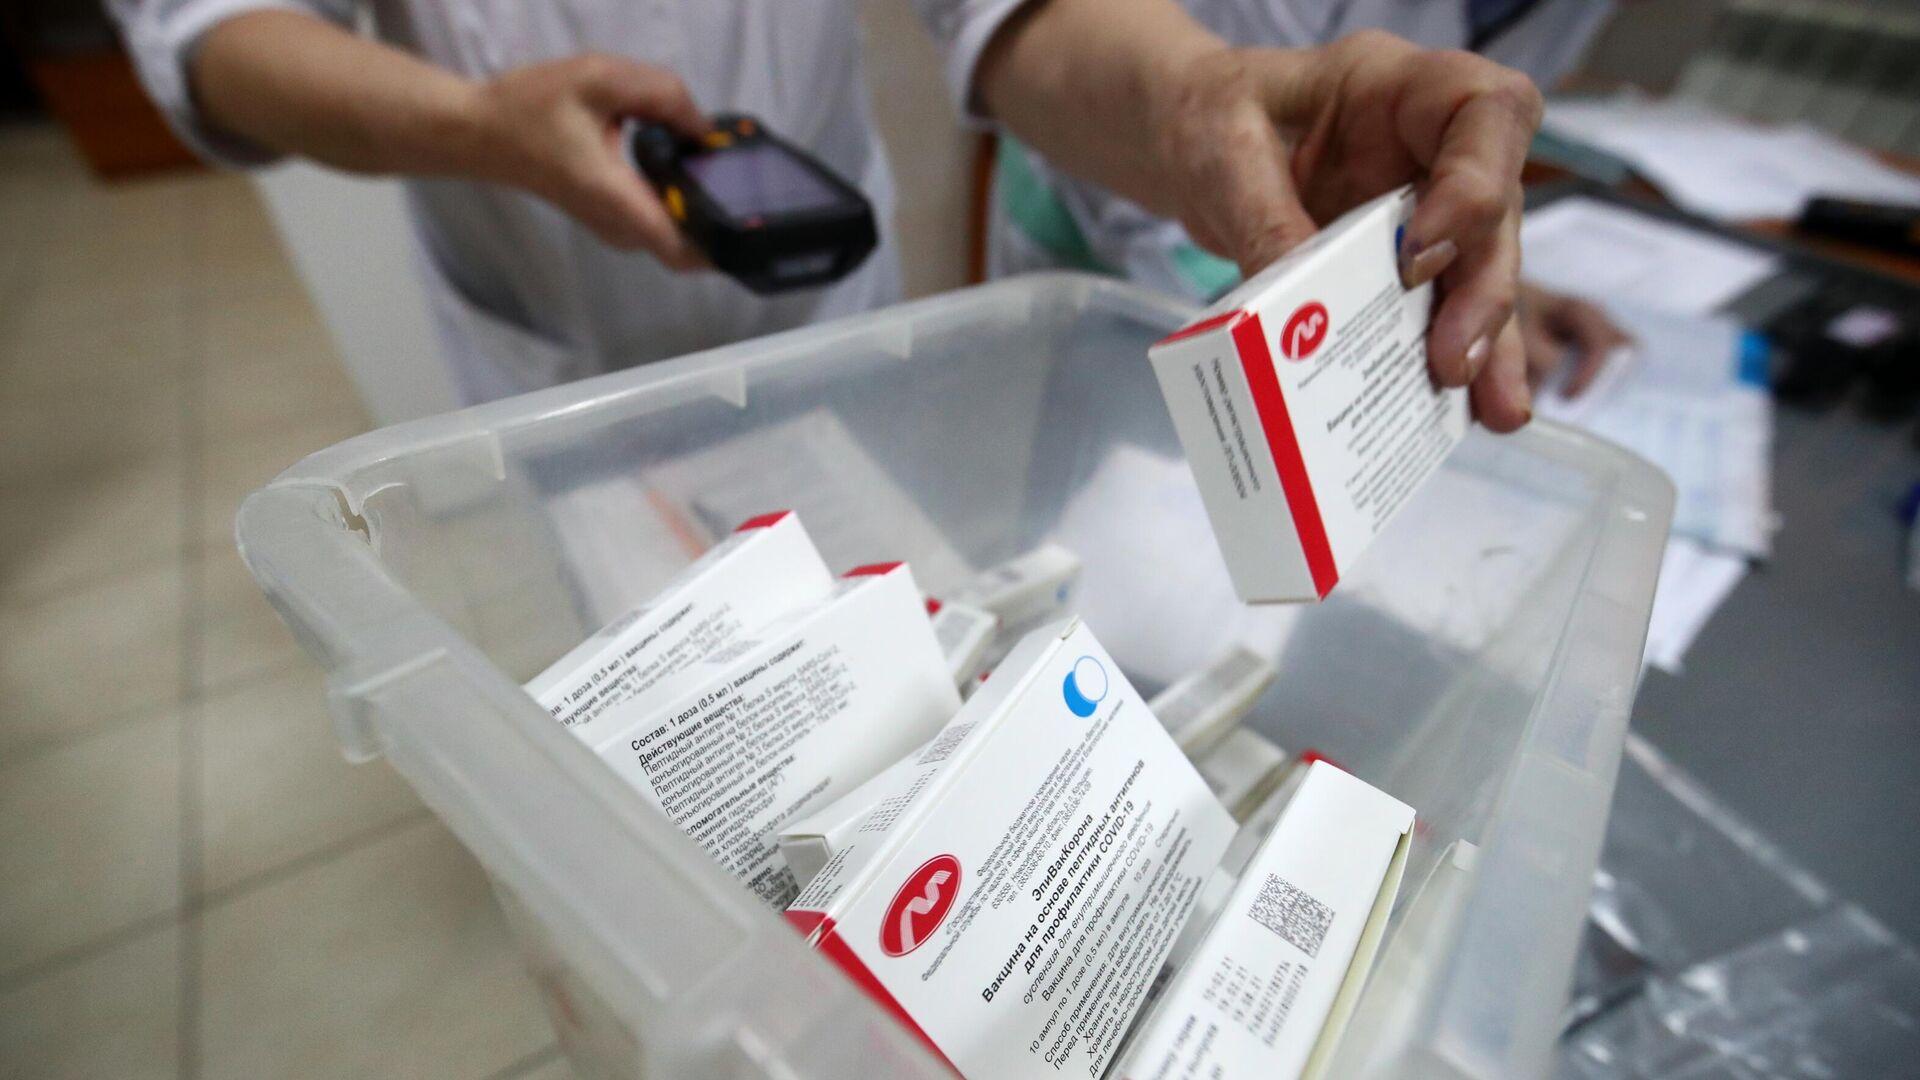 Партия вакцины ЭпиВакКорона для профилактики COVID-19 на аптечном складе в Волгограде - РИА Новости, 1920, 20.07.2021